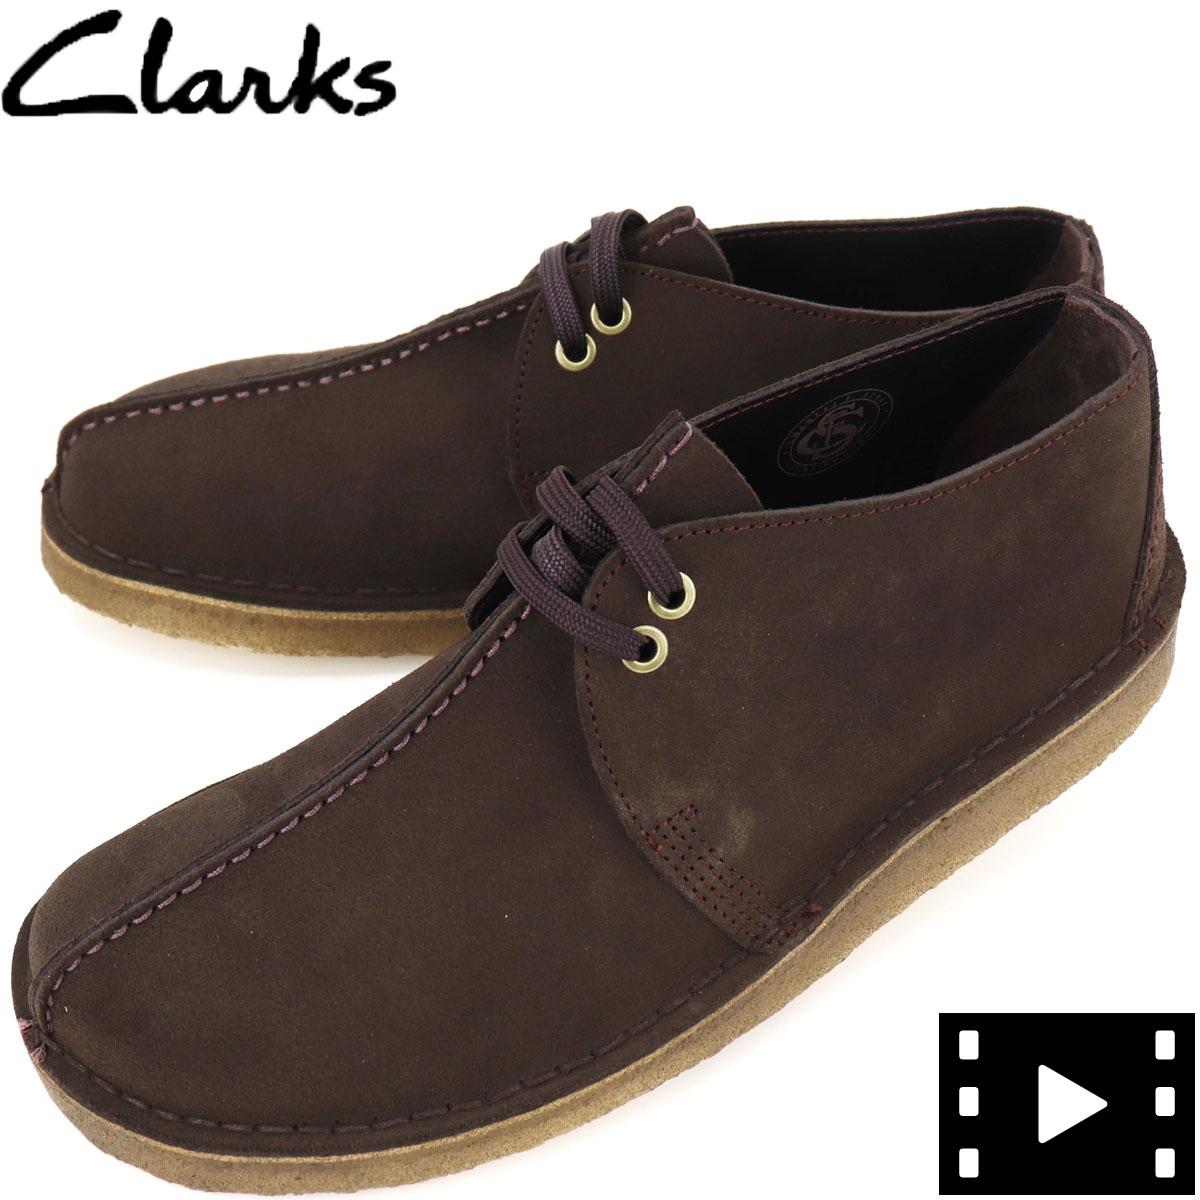 クラークス オリジナルズ CLARKS ORIGINALS メンズ デザートトレック DESERT TREK 26155488 DARK BROWN(ダークブラウン)秋冬新作